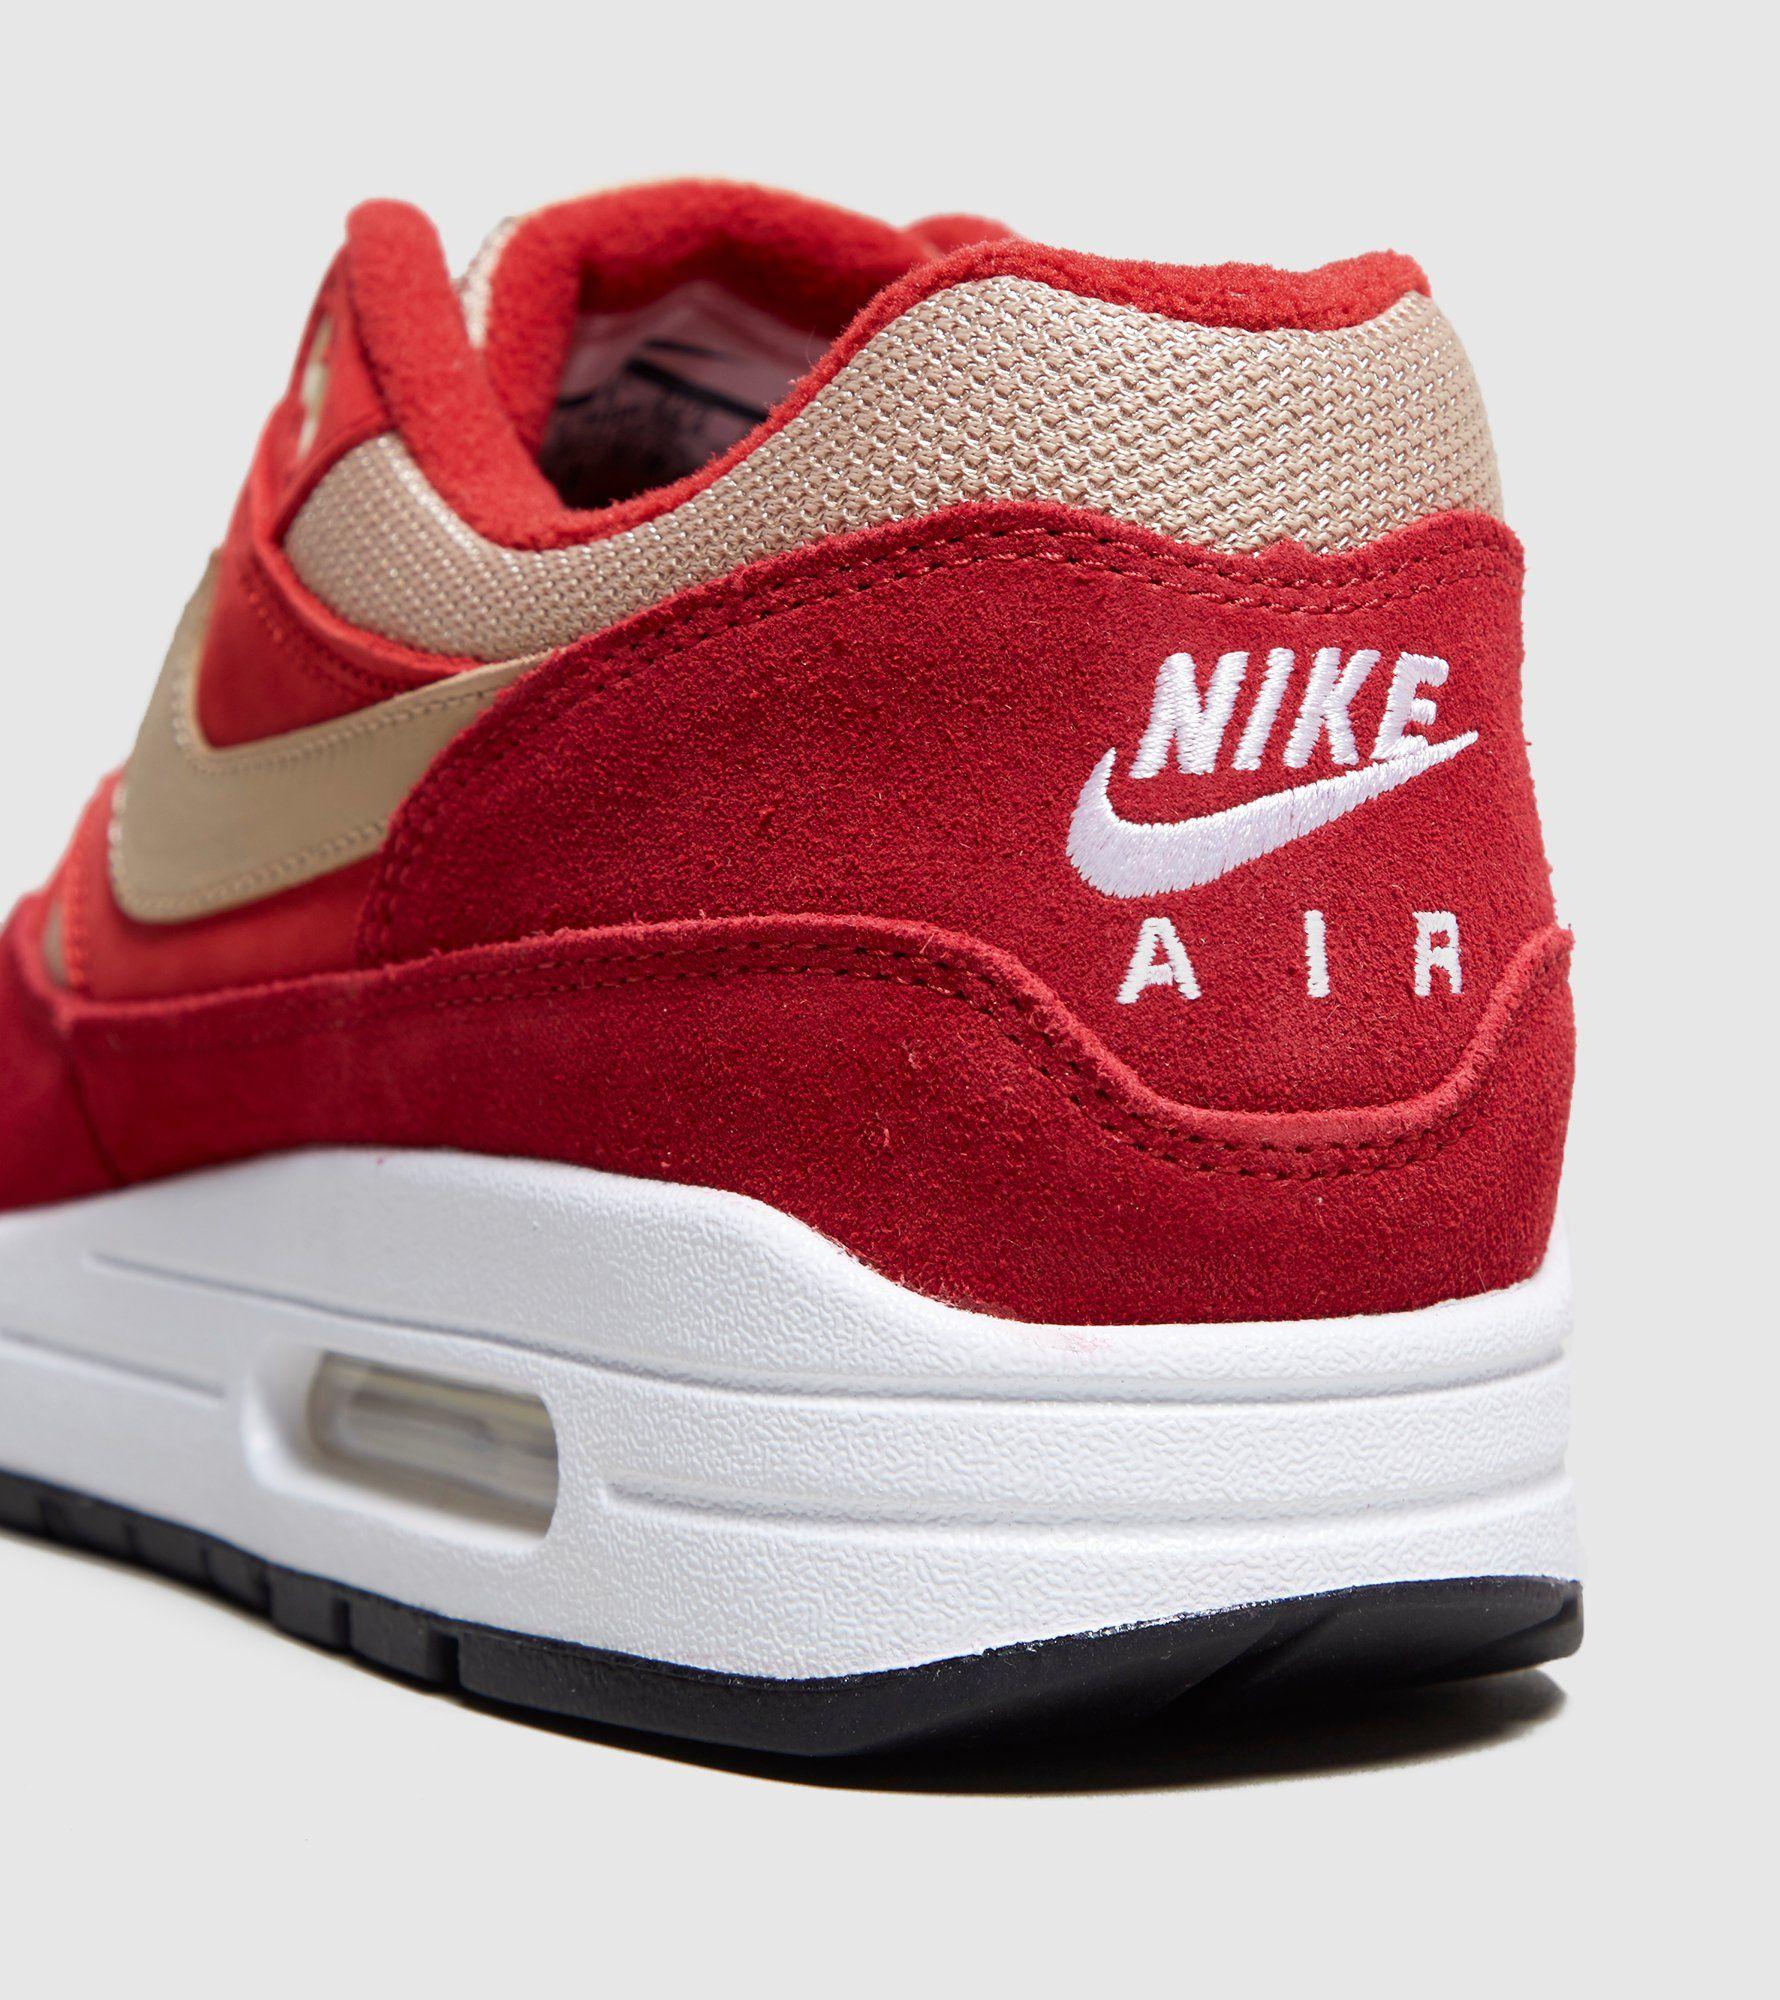 Nike Air Max 1 Premium QS